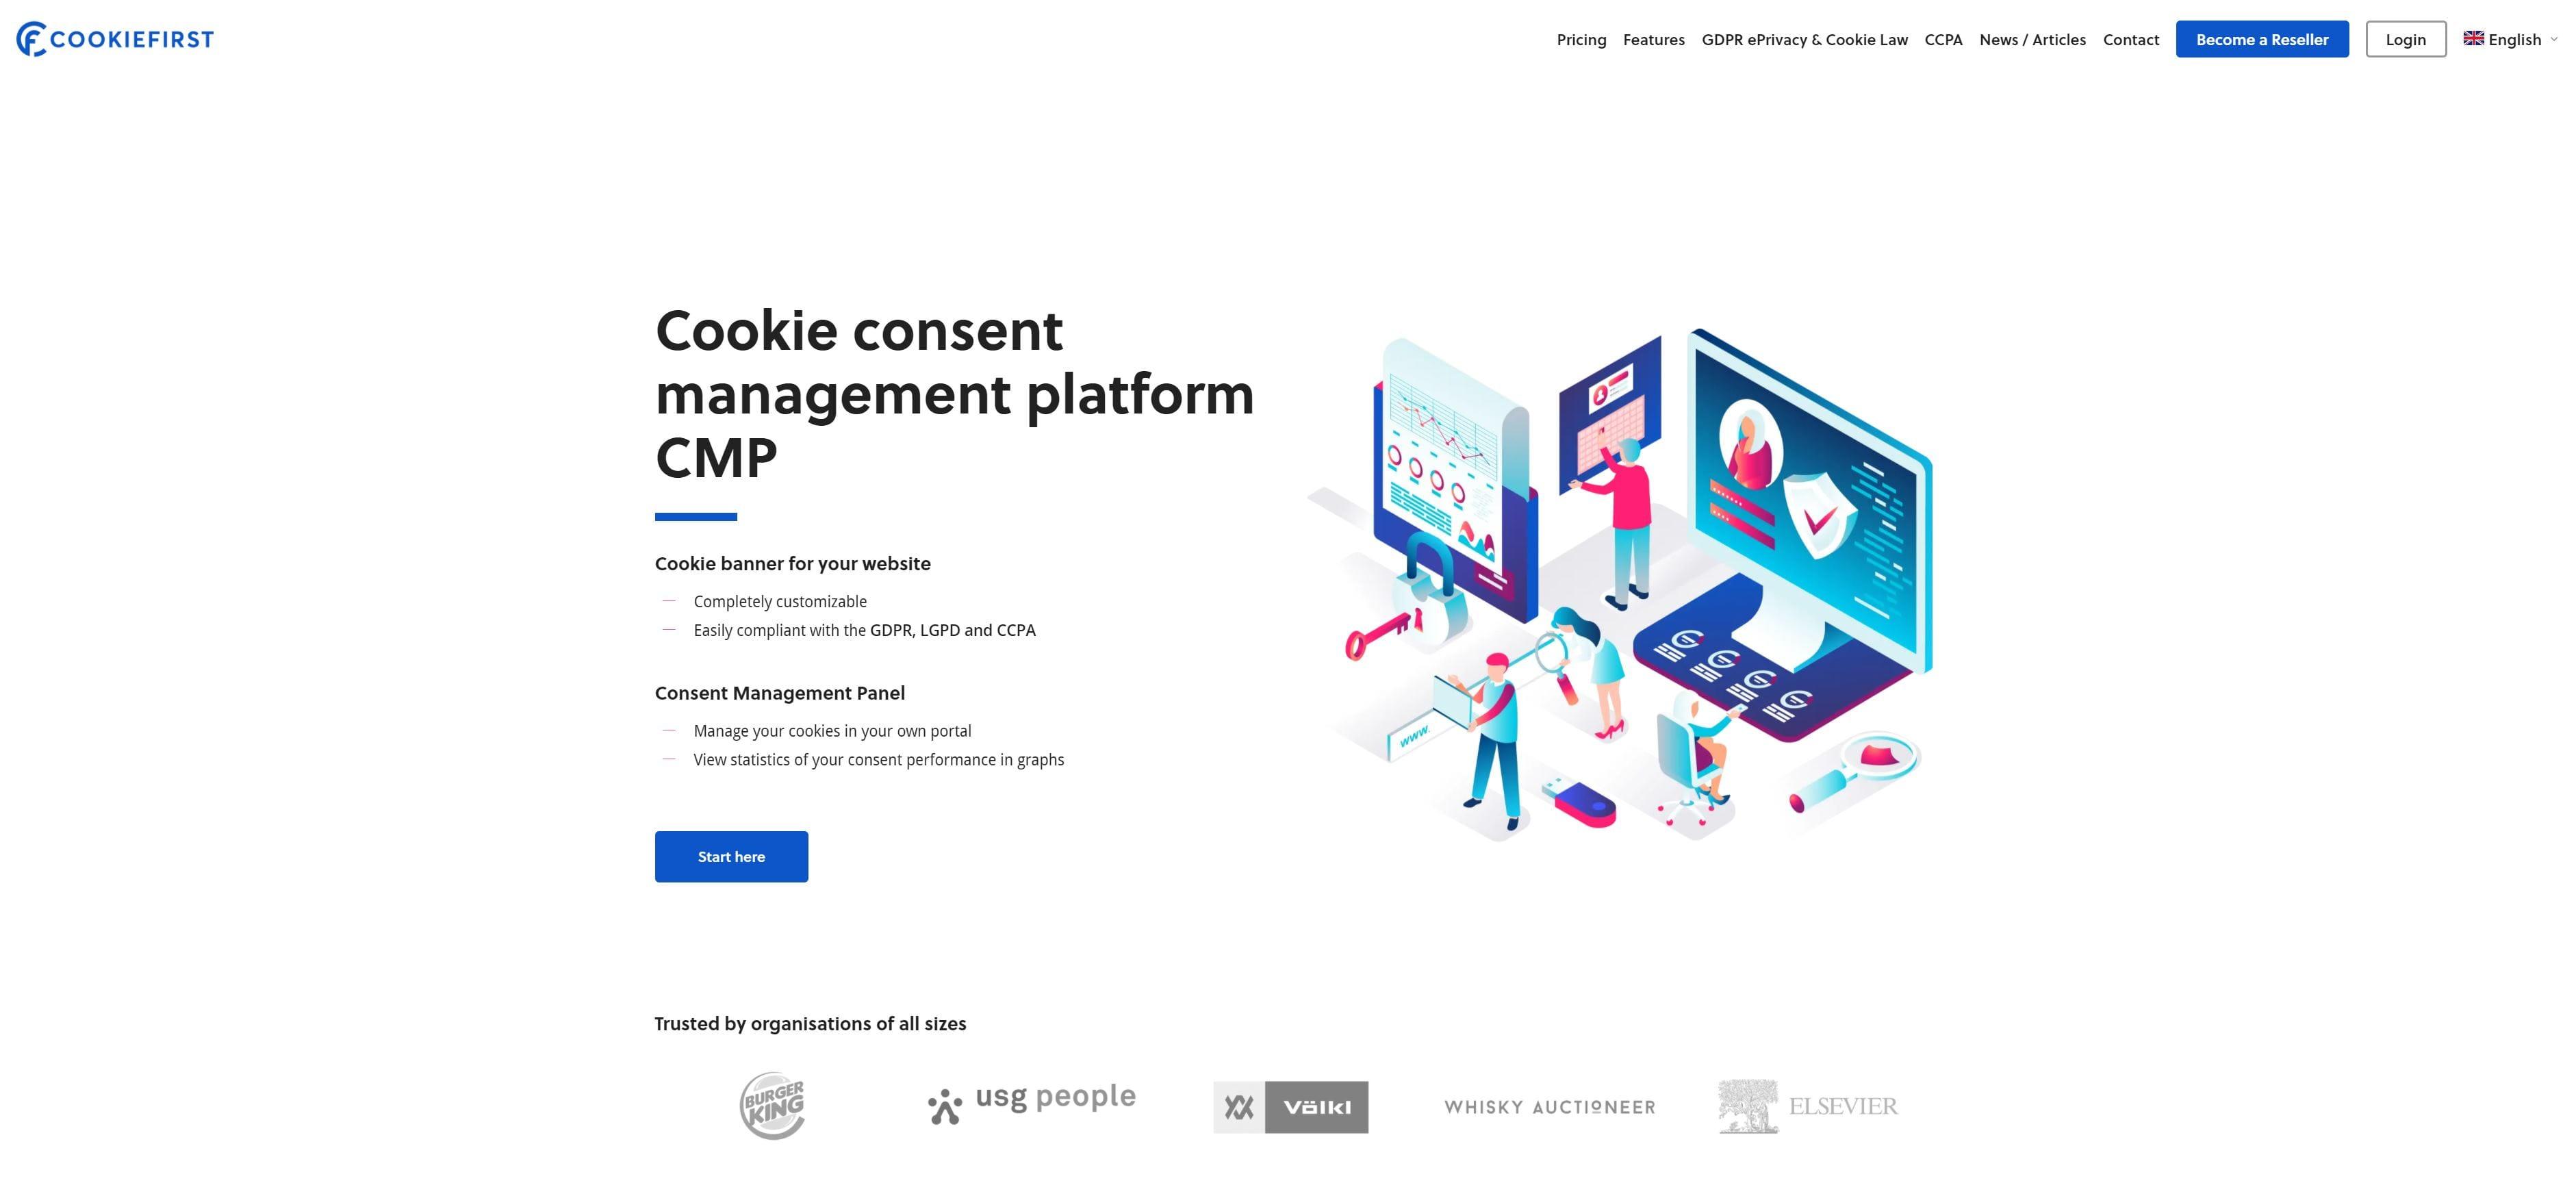 Cookiefirst Cookie Anbieter